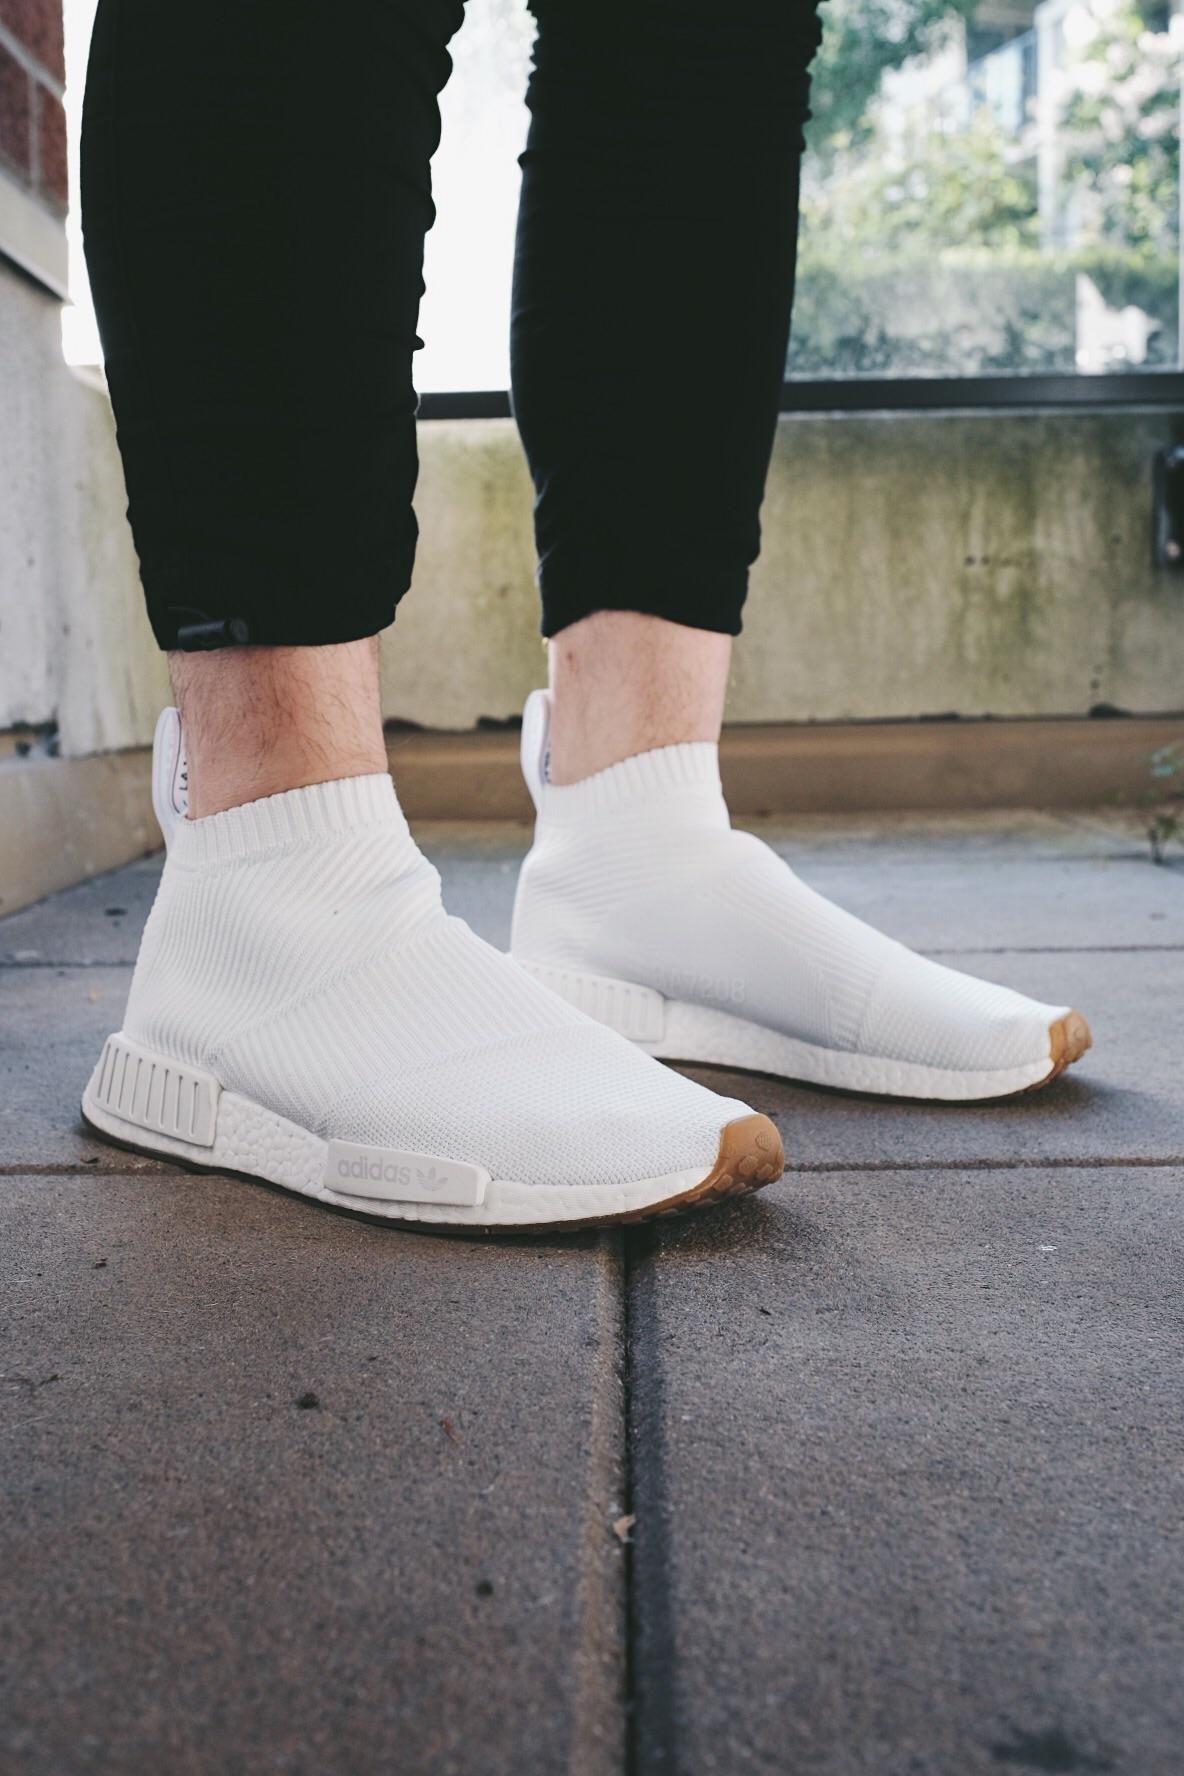 Wdywt] adidas nmd cs1 bianco gum